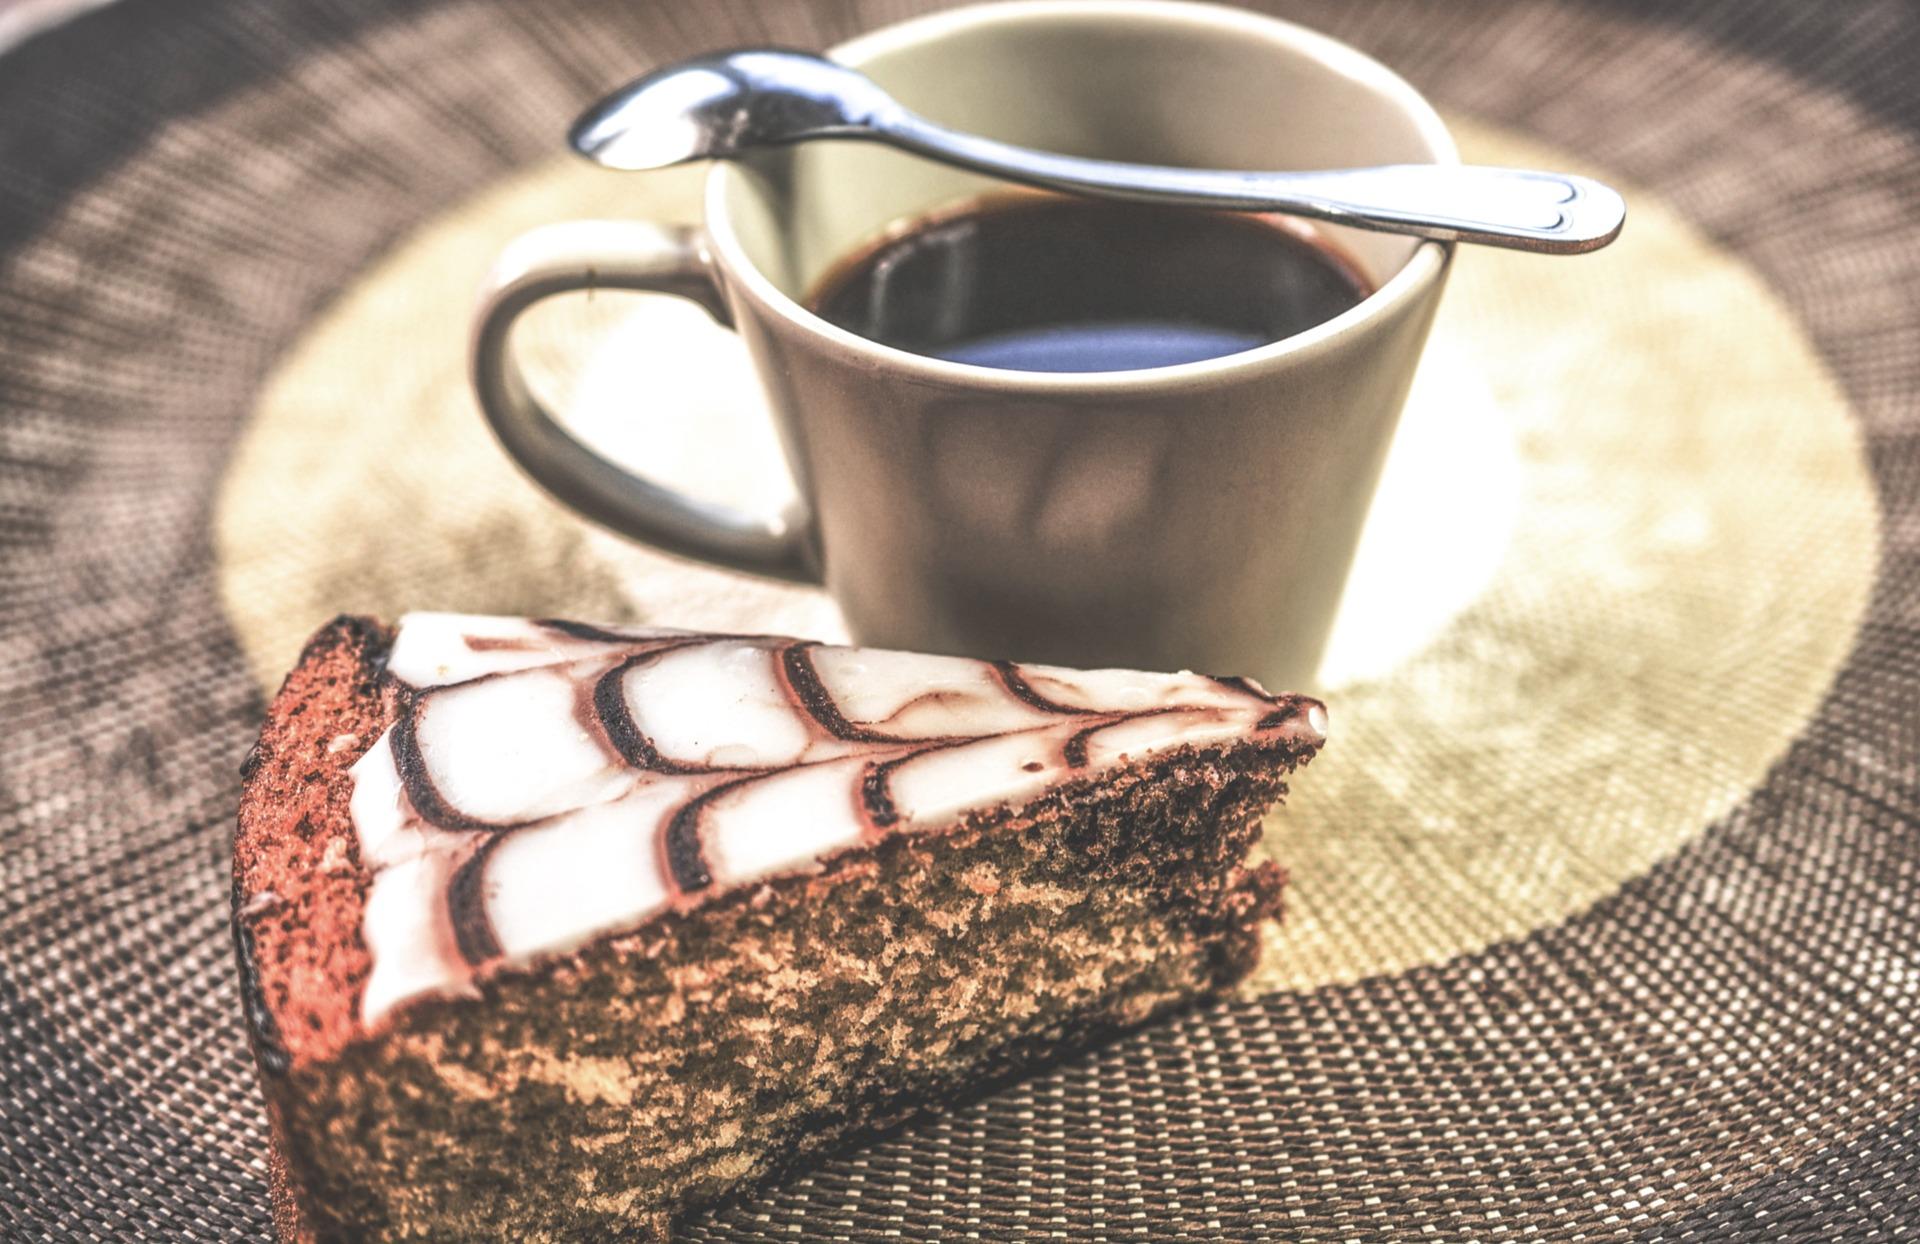 Variaties met koffie